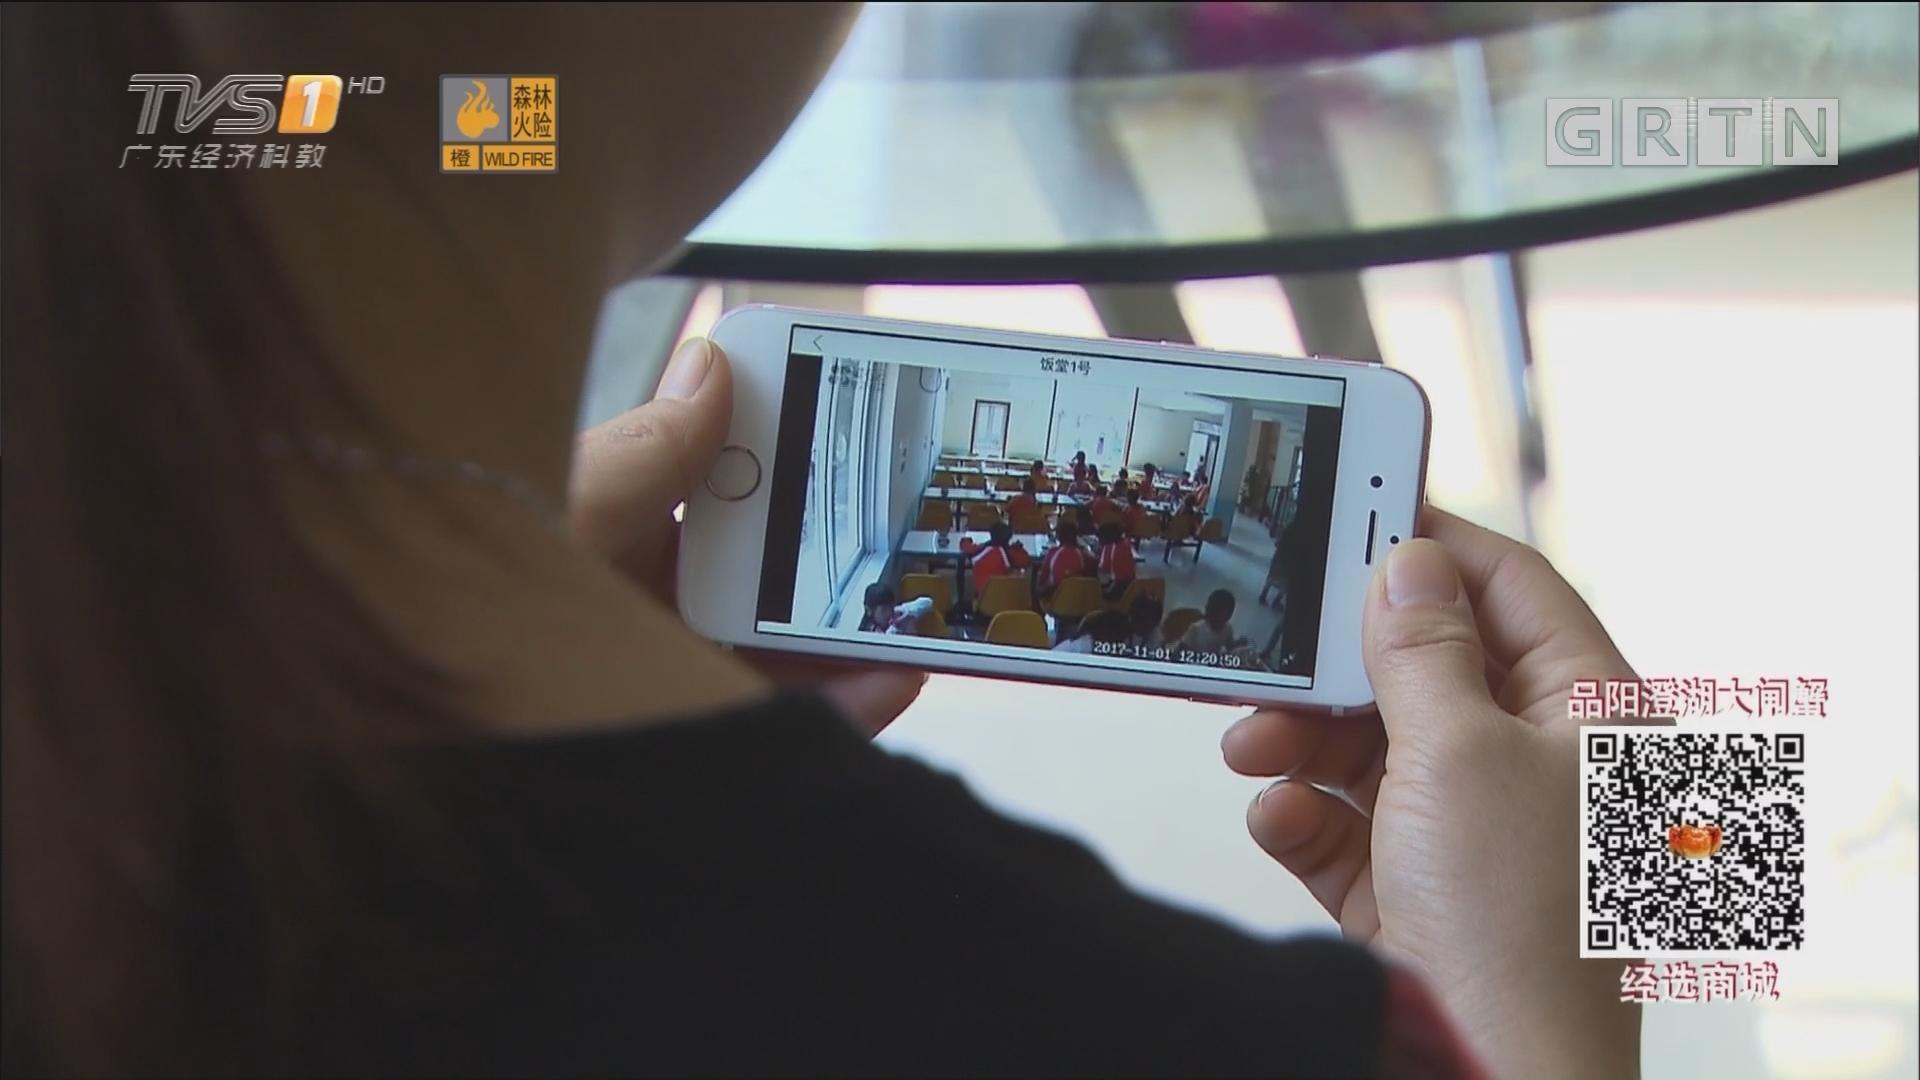 互联网+托管:人脸识别 实时监控 家长还担心吗?